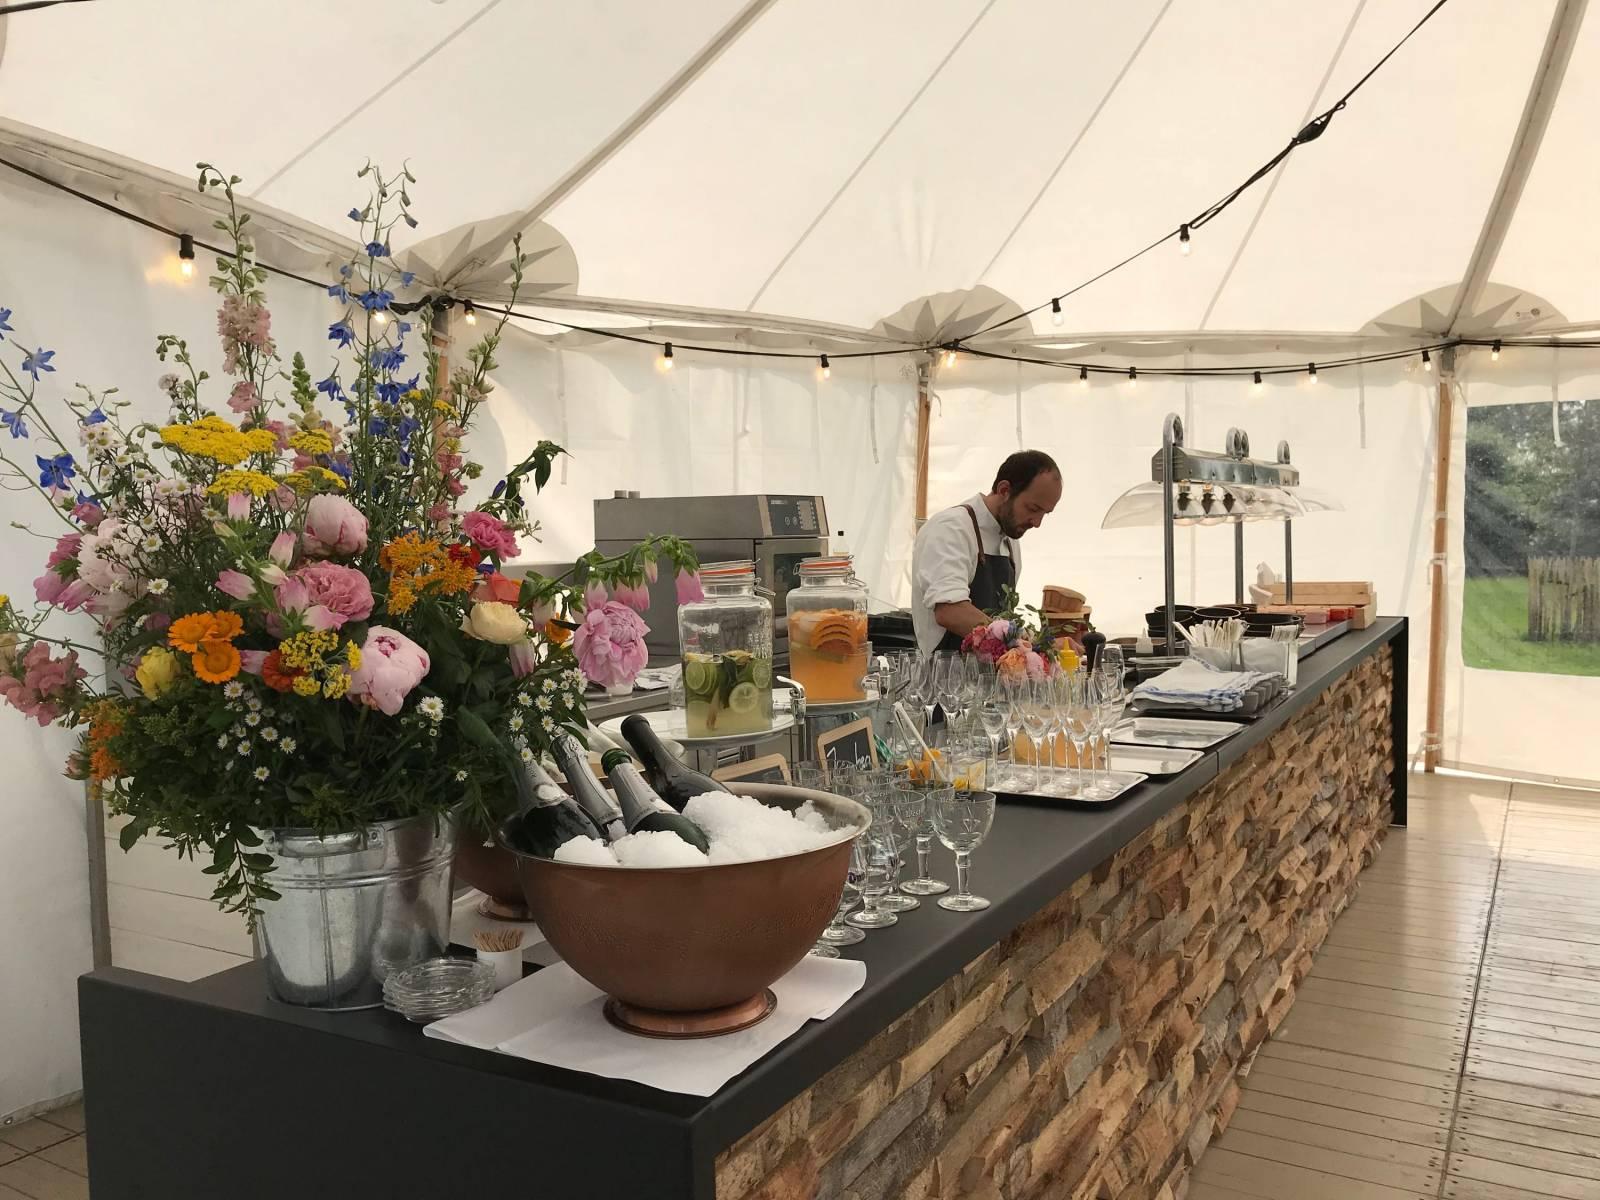 Hendrickx feesten - Catering - Traiteur - Cateraar - House of Events - 14